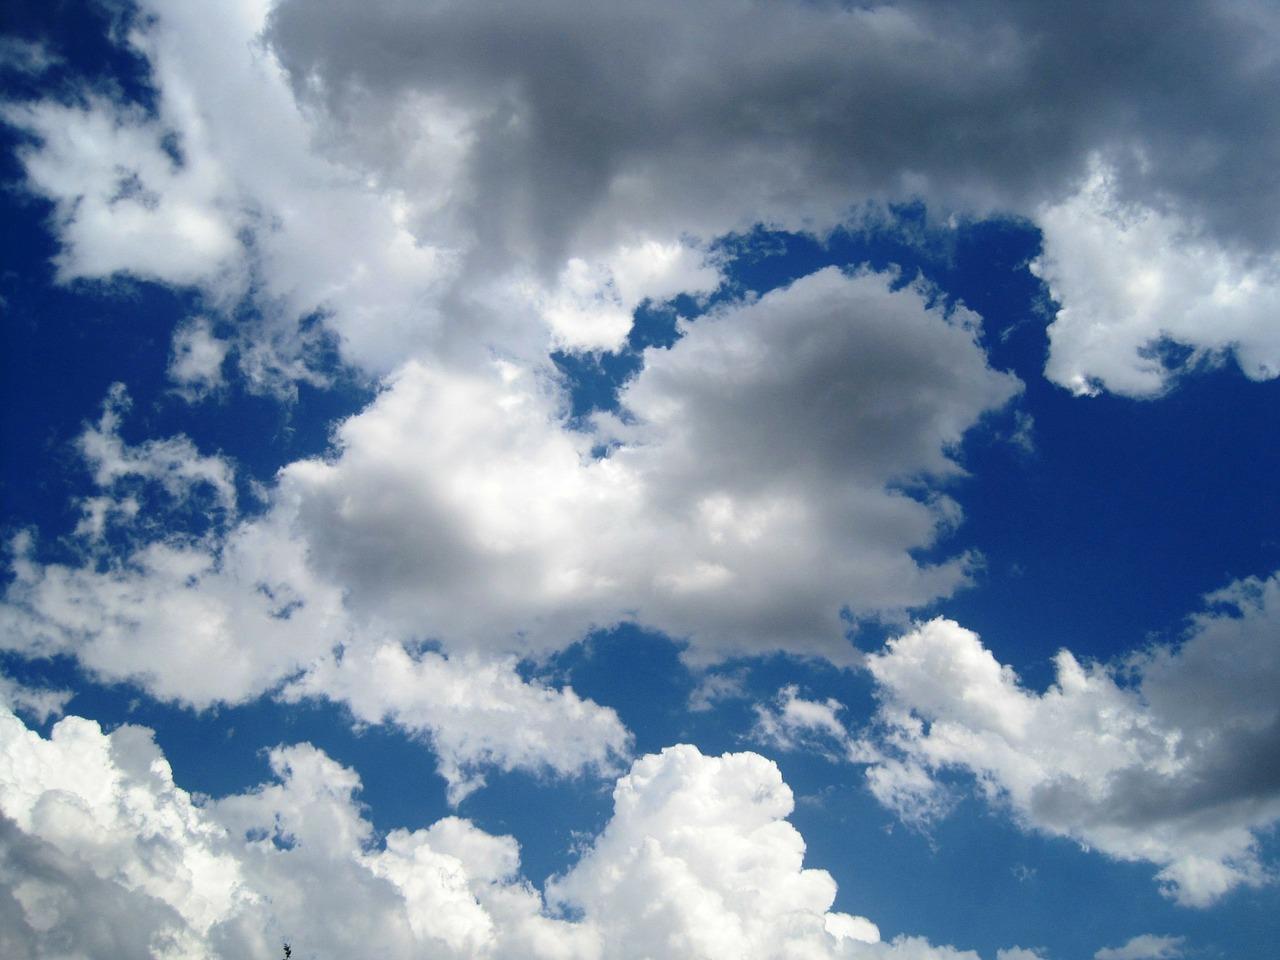 Check de luchtkwaliteit in je clusterwoning, leen de luchtkwaliteitsmeter!